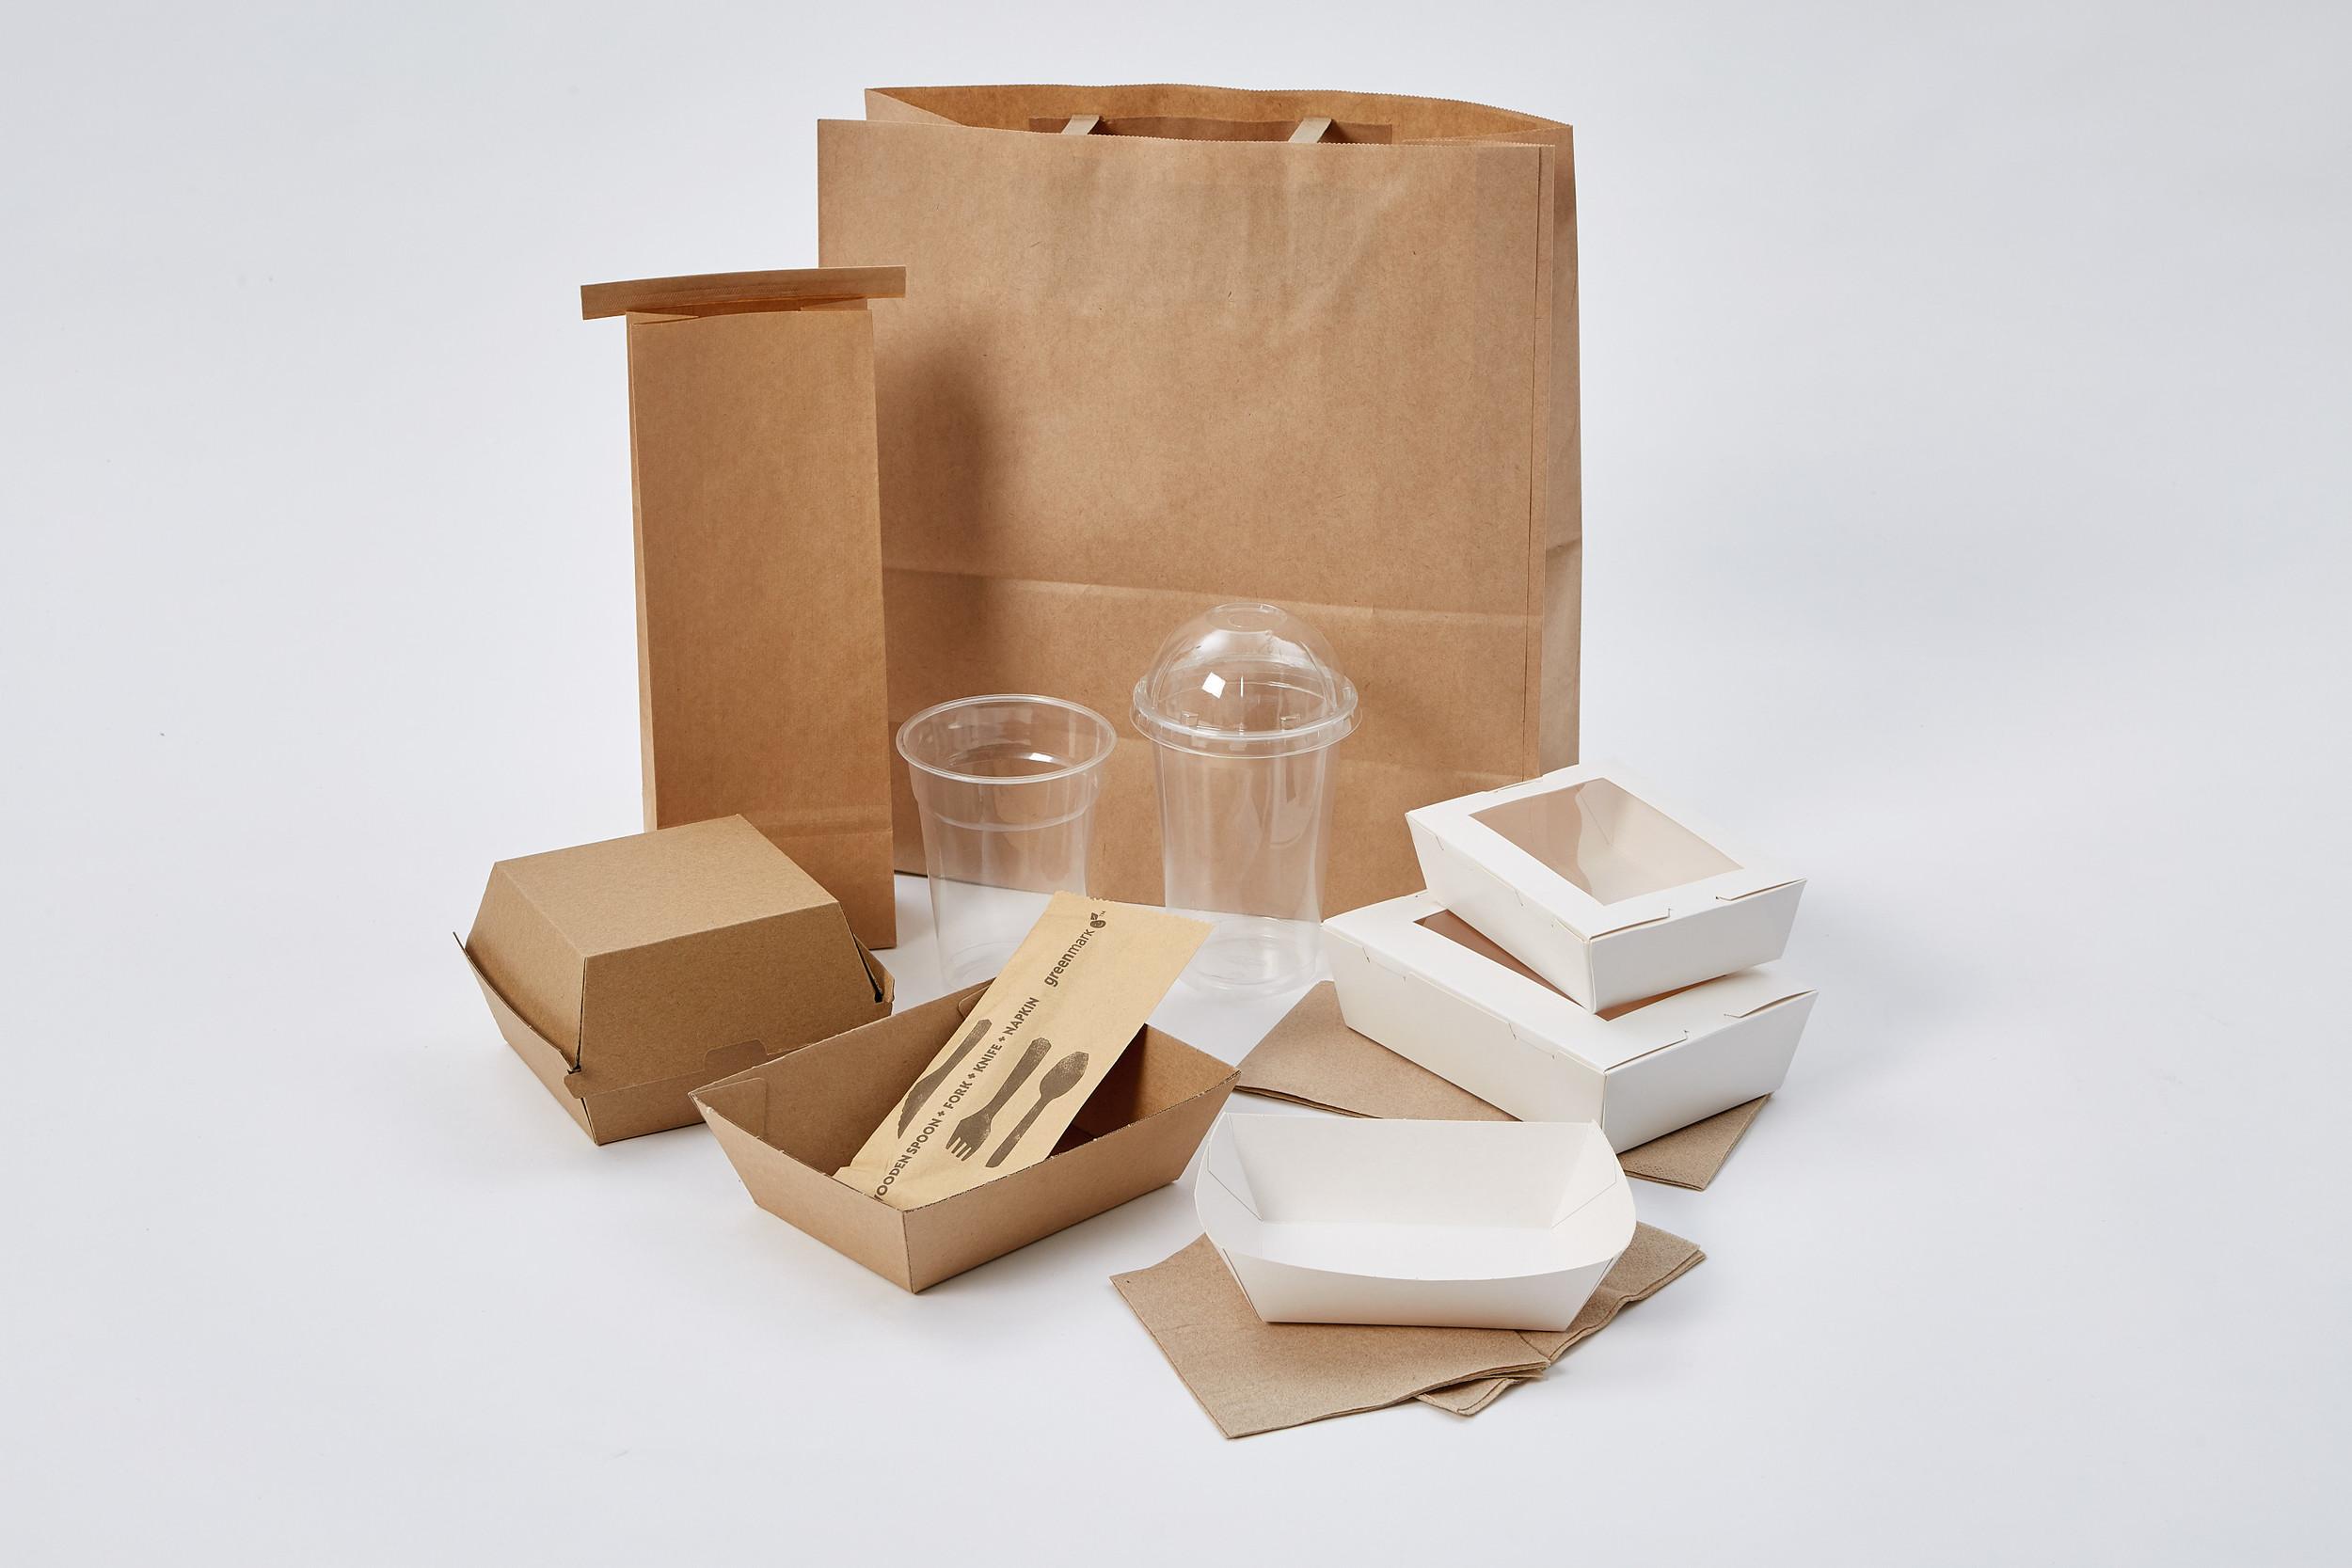 Packaging_Generic_Group1_004.jpg